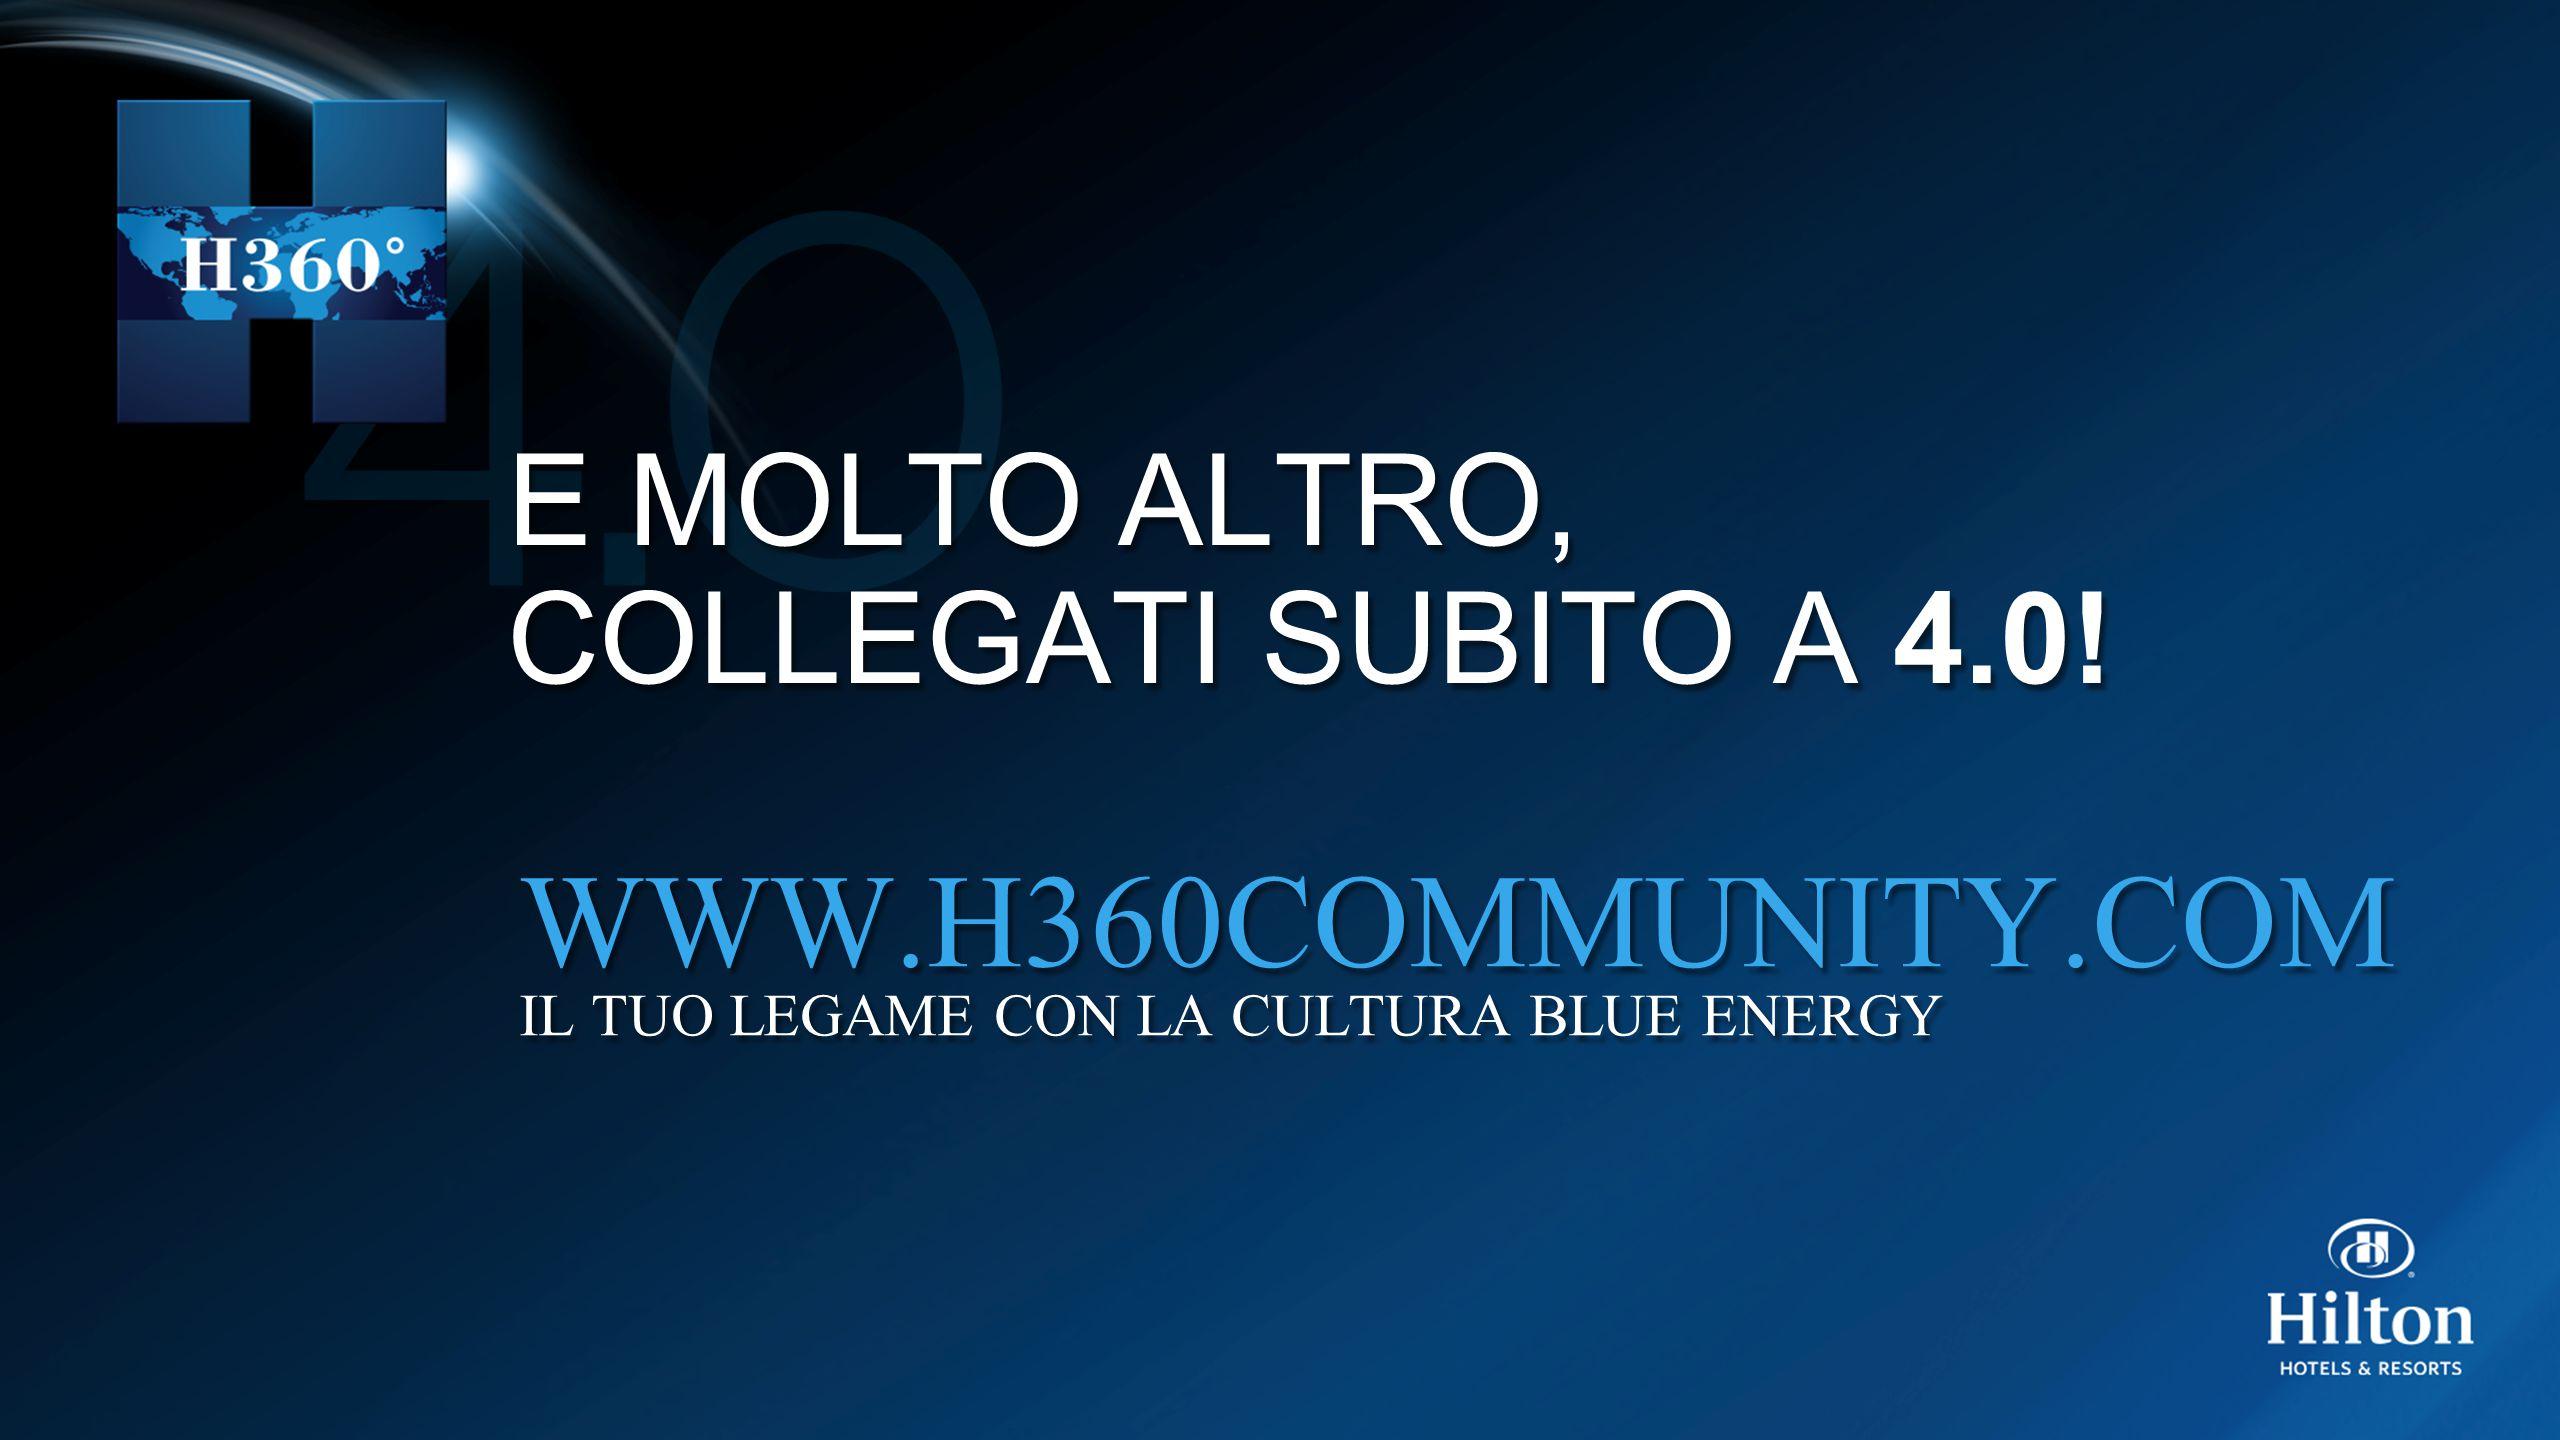 E MOLTO ALTRO, COLLEGATI SUBITO A 4.0! E MOLTO ALTRO, COLLEGATI SUBITO A 4.0! WWW.H360COMMUNITY.COM IL TUO LEGAME CON LA CULTURA BLUE ENERGY WWW.H360C